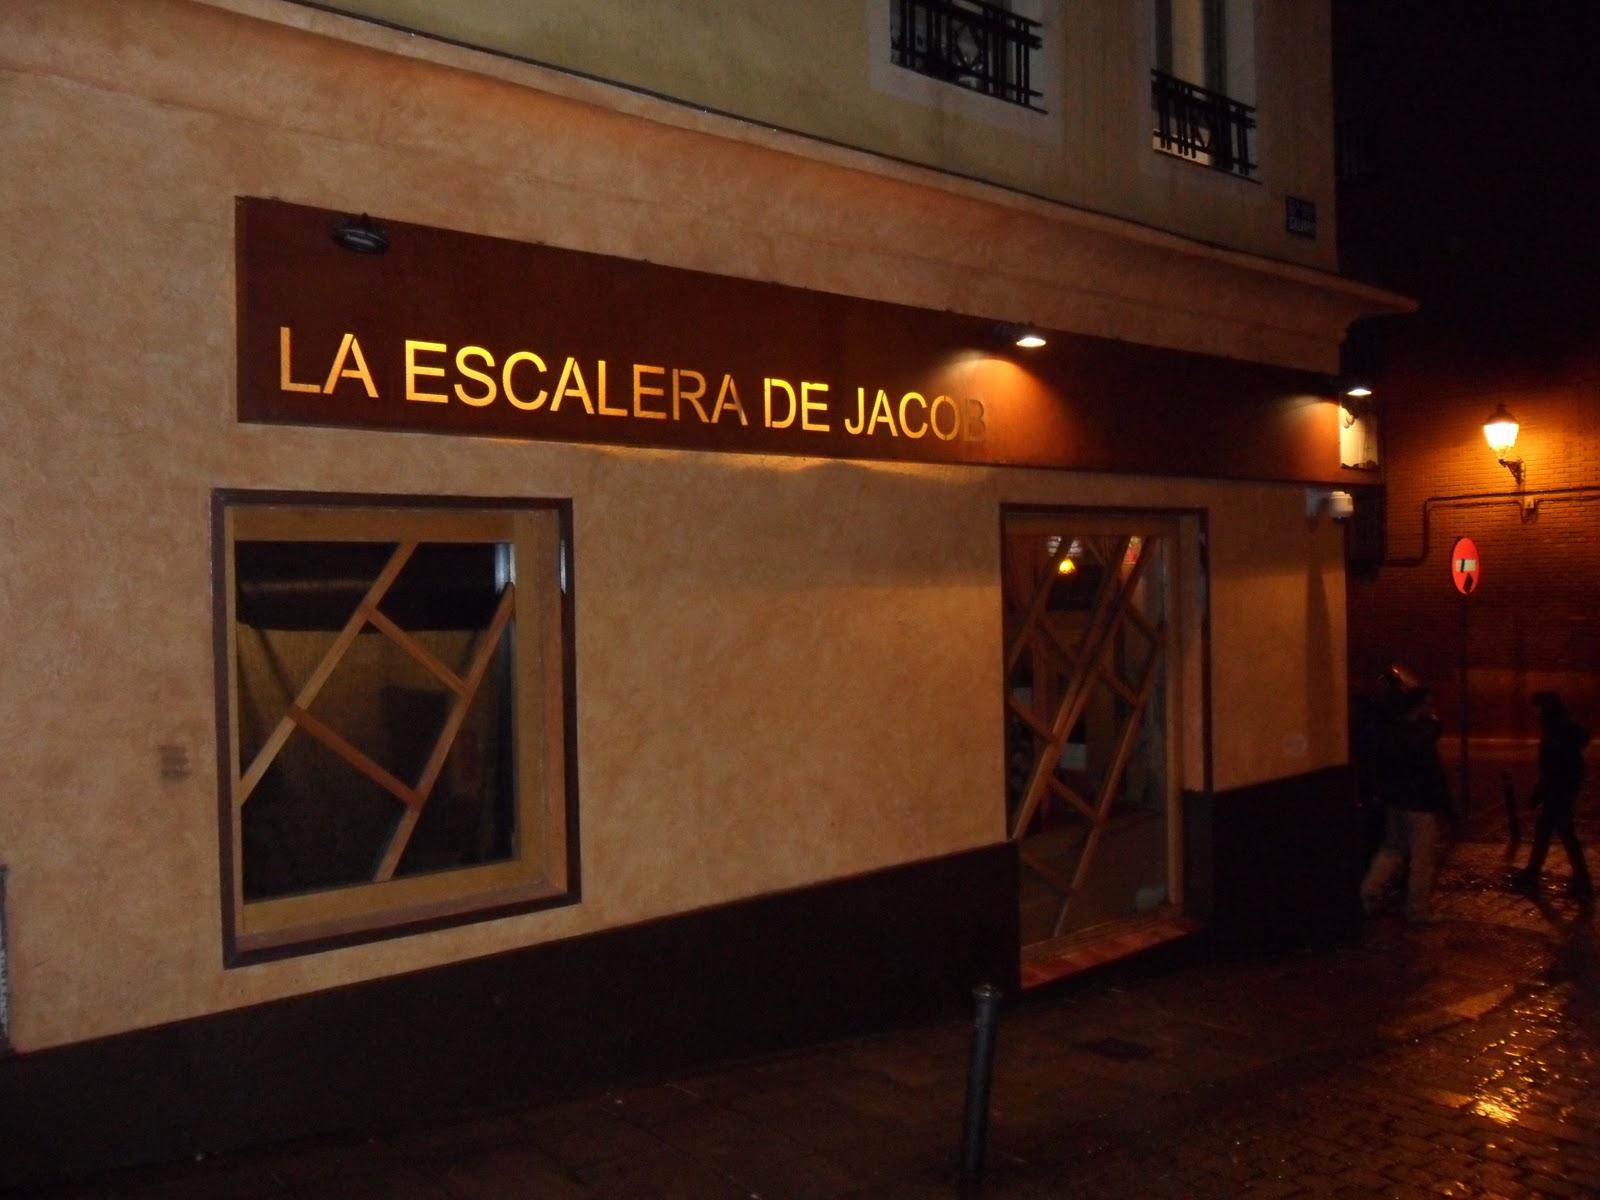 La escalera de jacob madrid la magia de nacho diago for La escalera de jacob